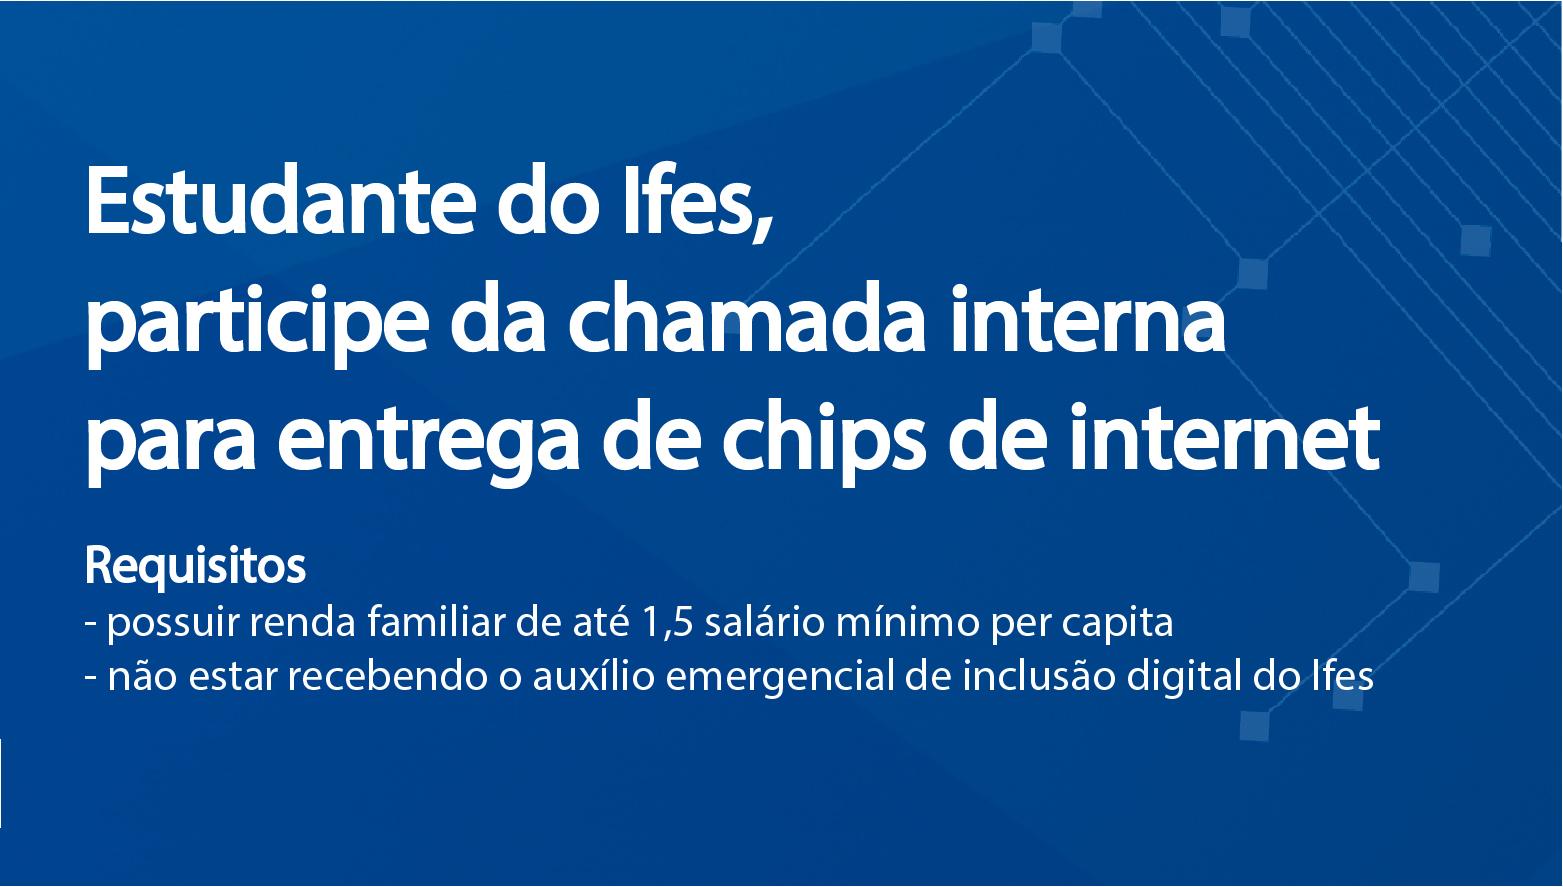 O período para adesão será contínuo até o limite do número de chips disponíveis.